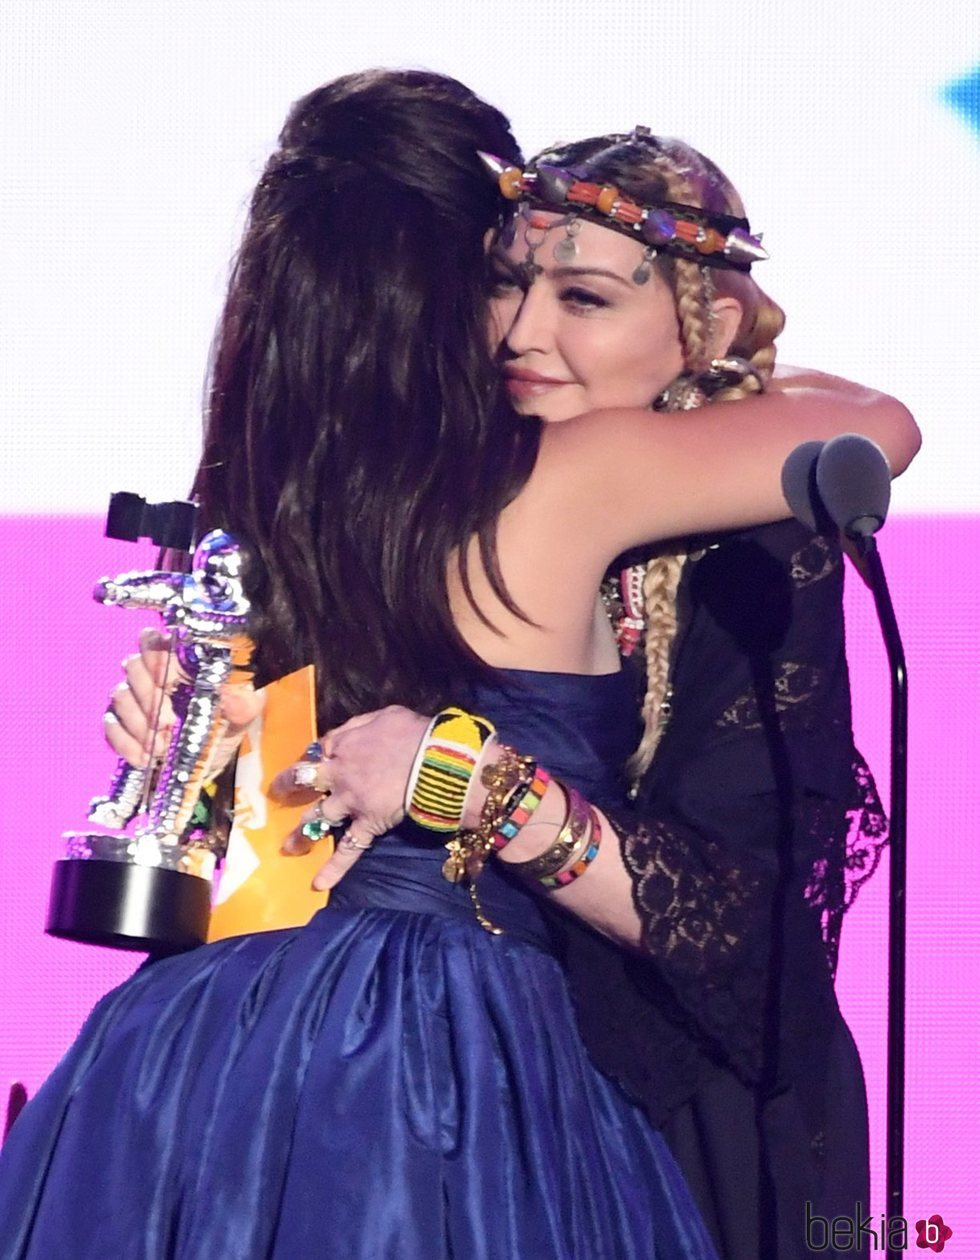 Madonna entregan el premio 'Vídeo del año' a Camila Cabello en los VMAs 2018